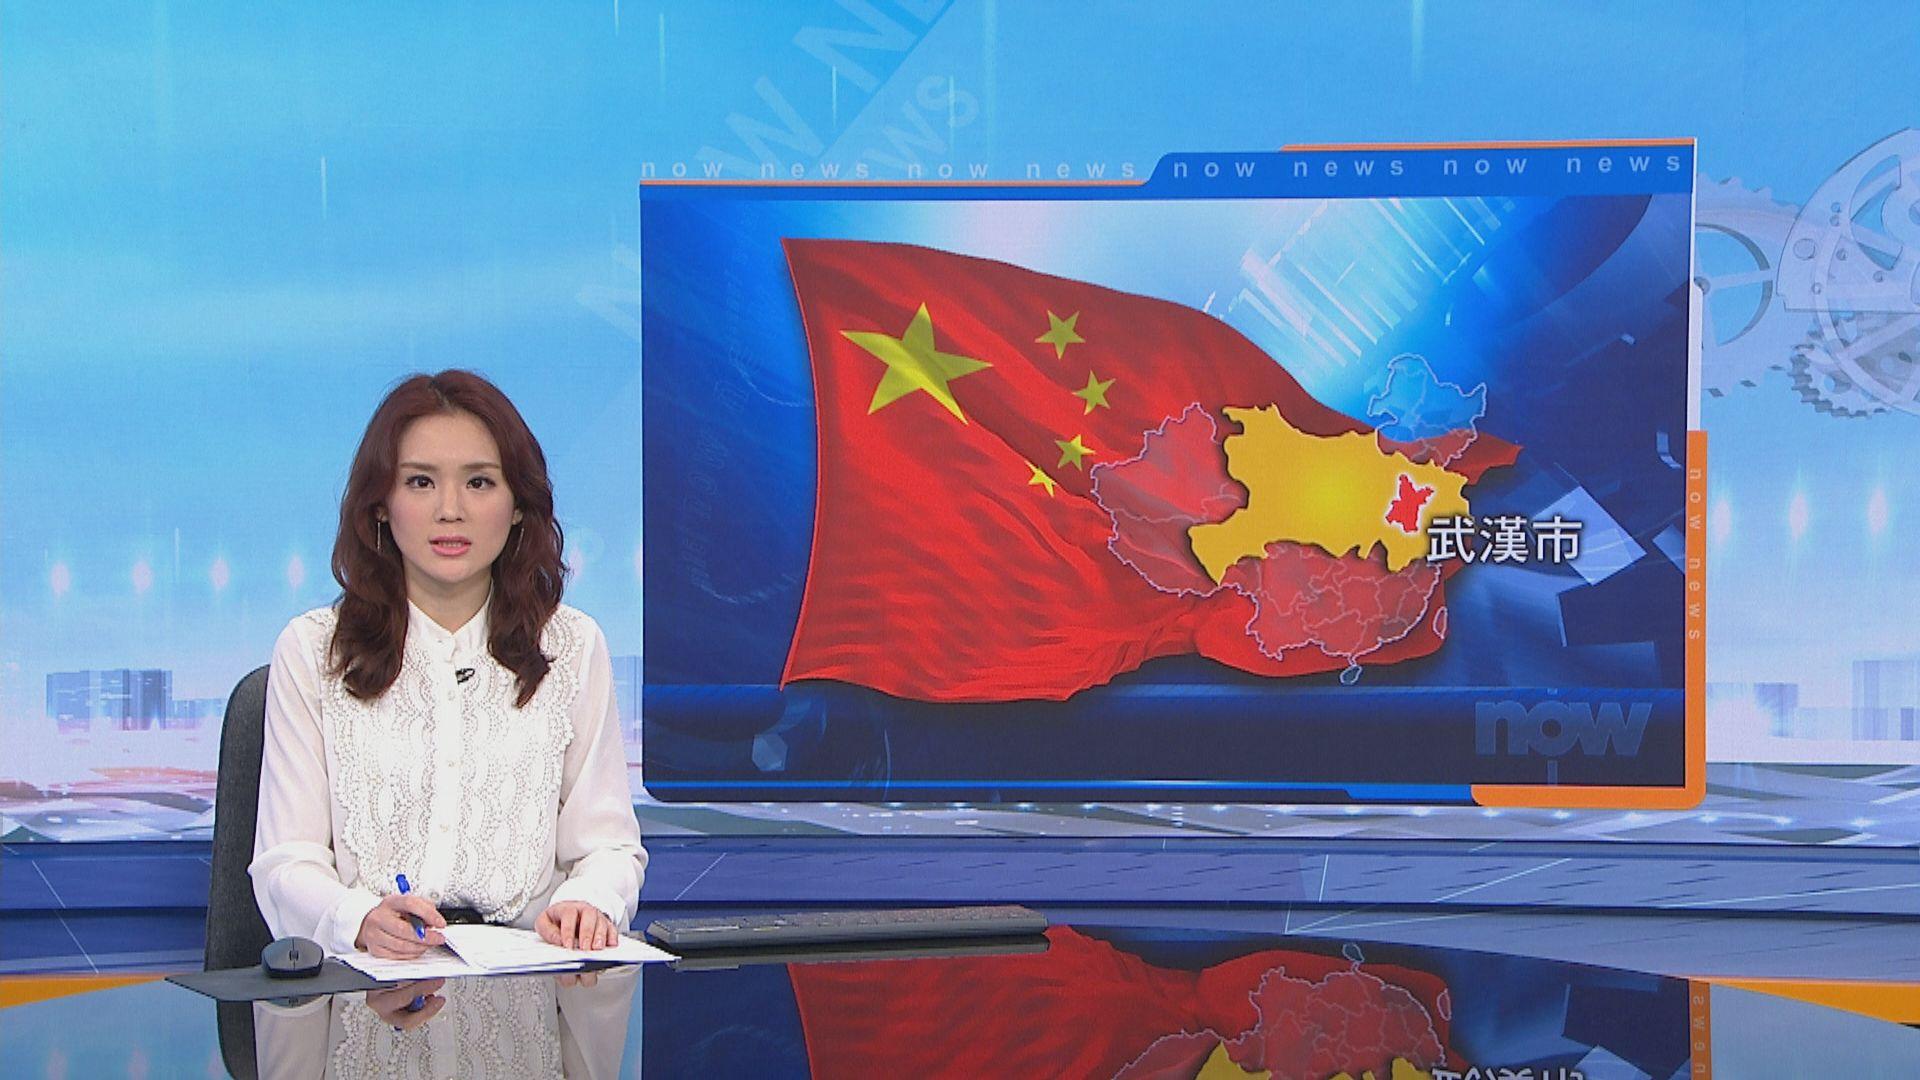 武漢外地人員可分批出城 港府未回覆是否包括港人